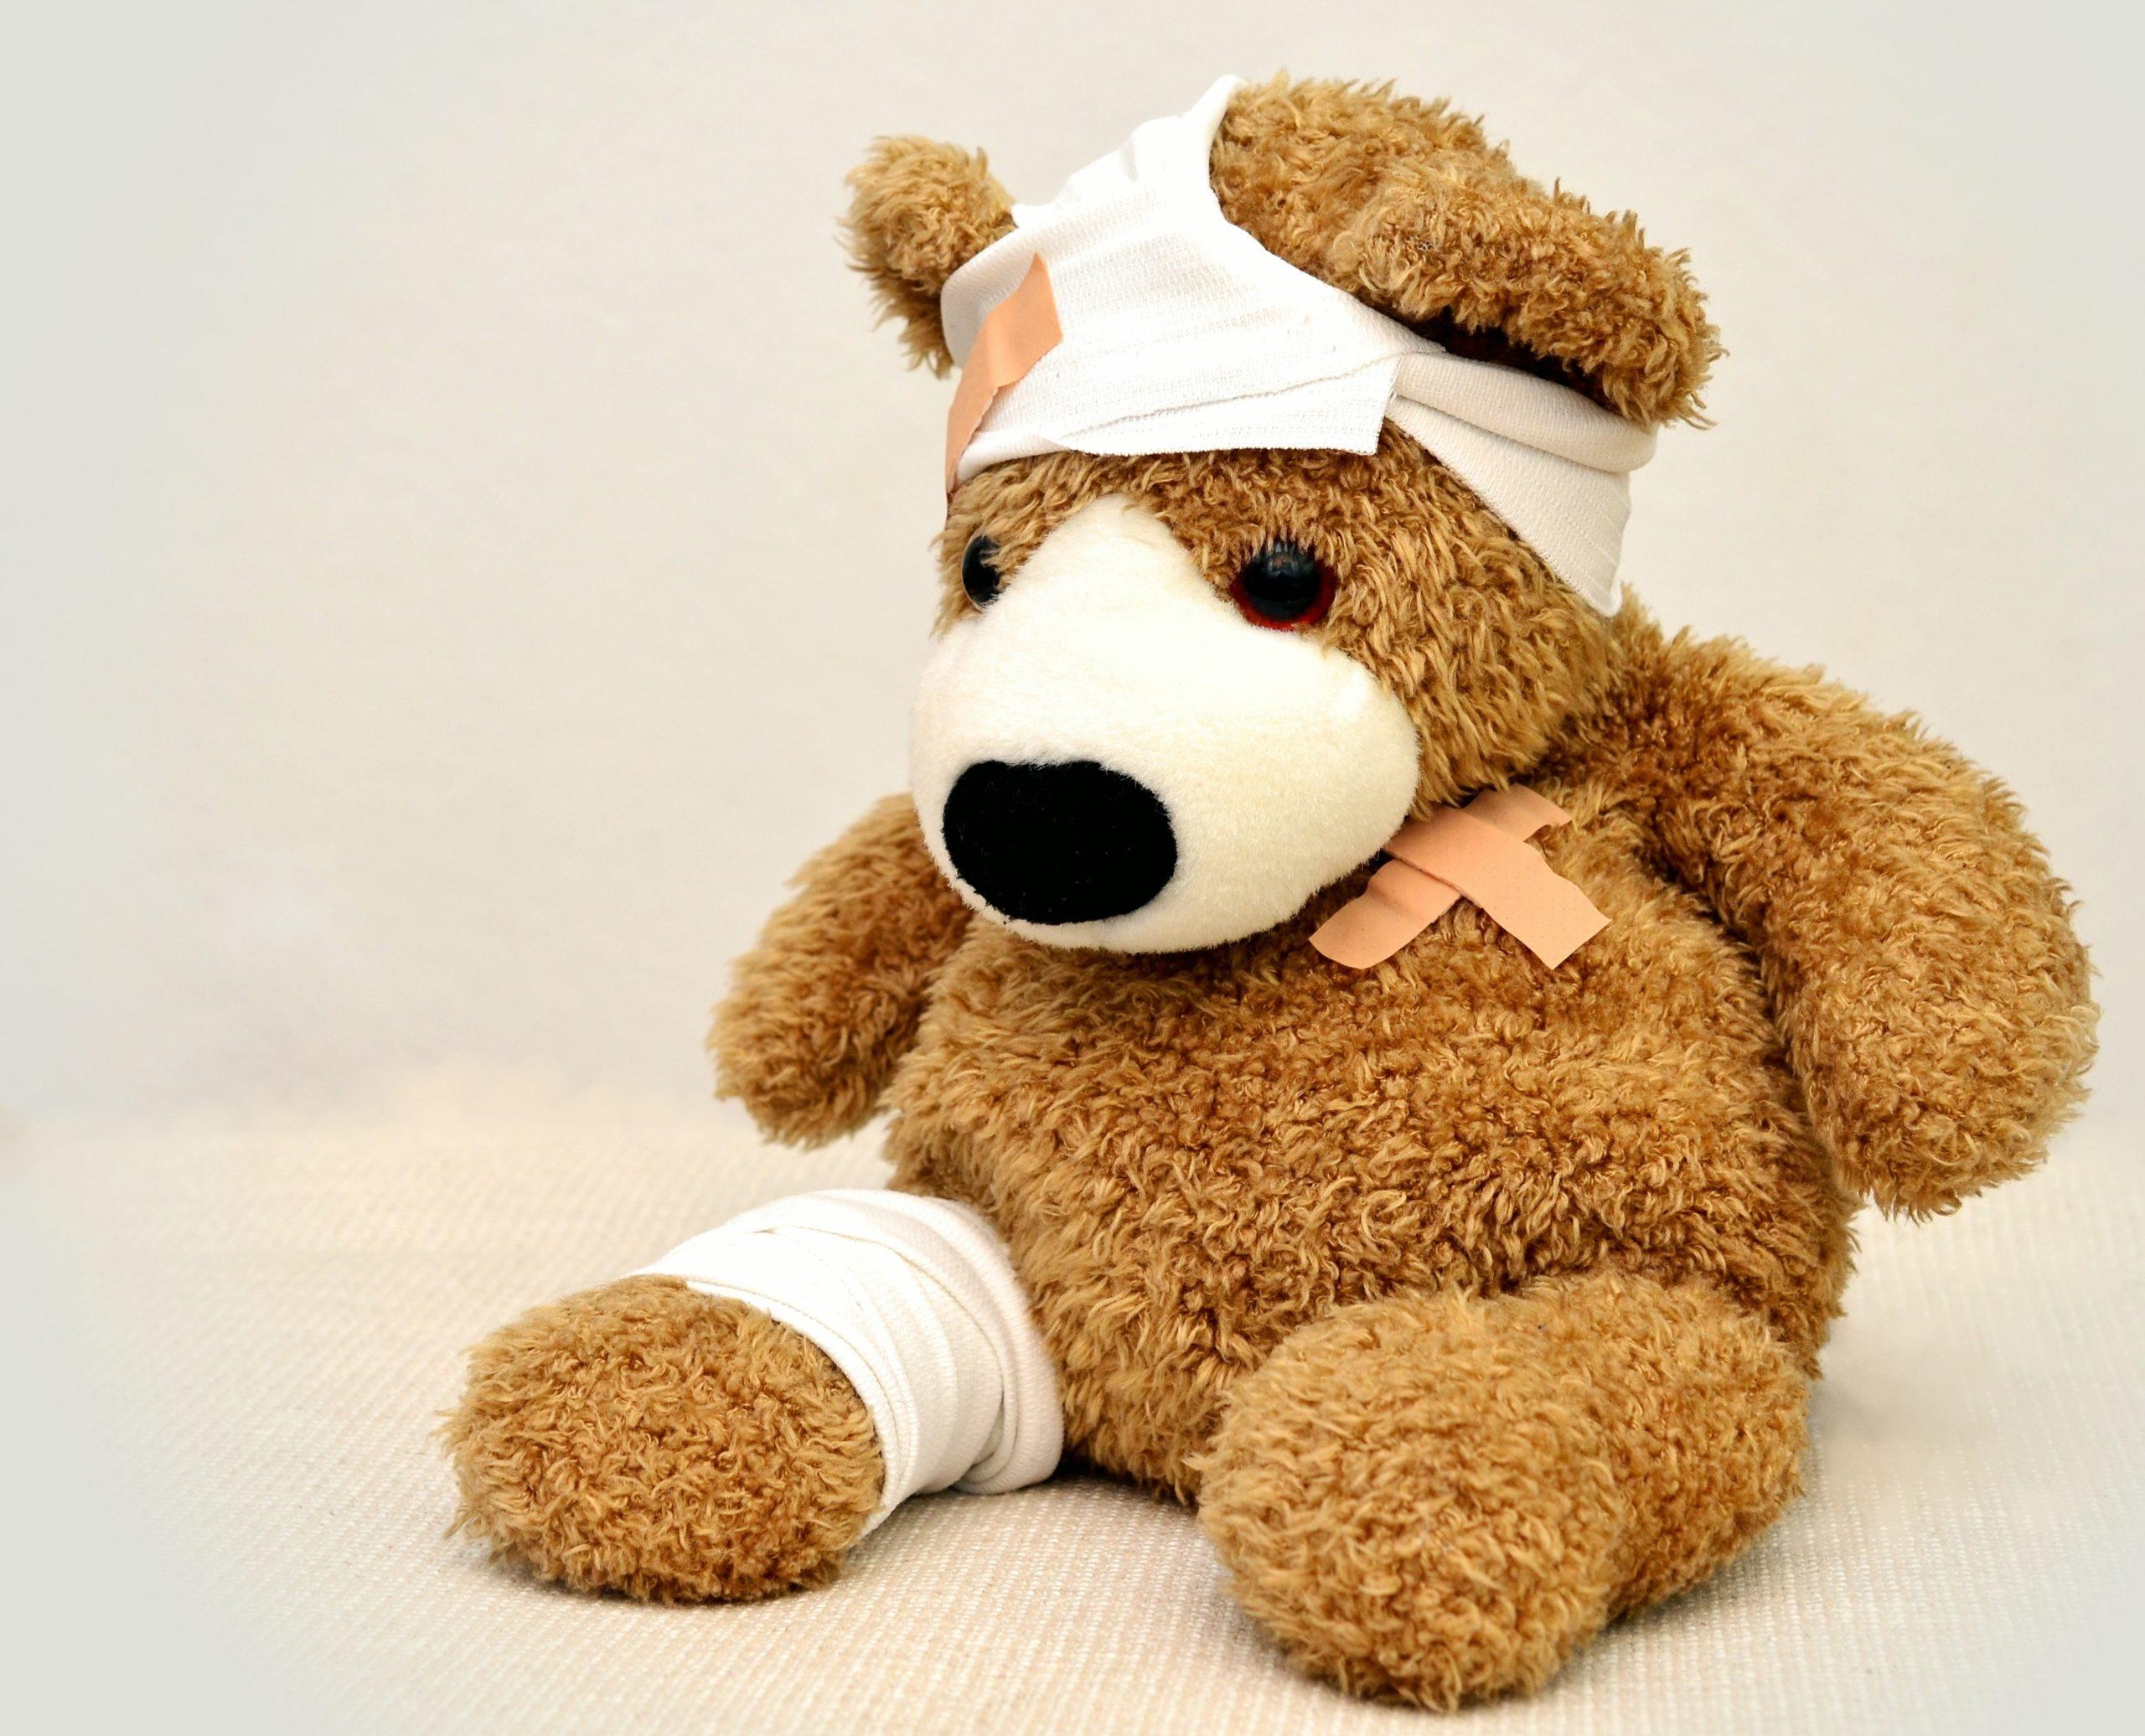 https://www.pexels.com/de-de/foto/teddybar-schmerz-teddy-krank-42230/